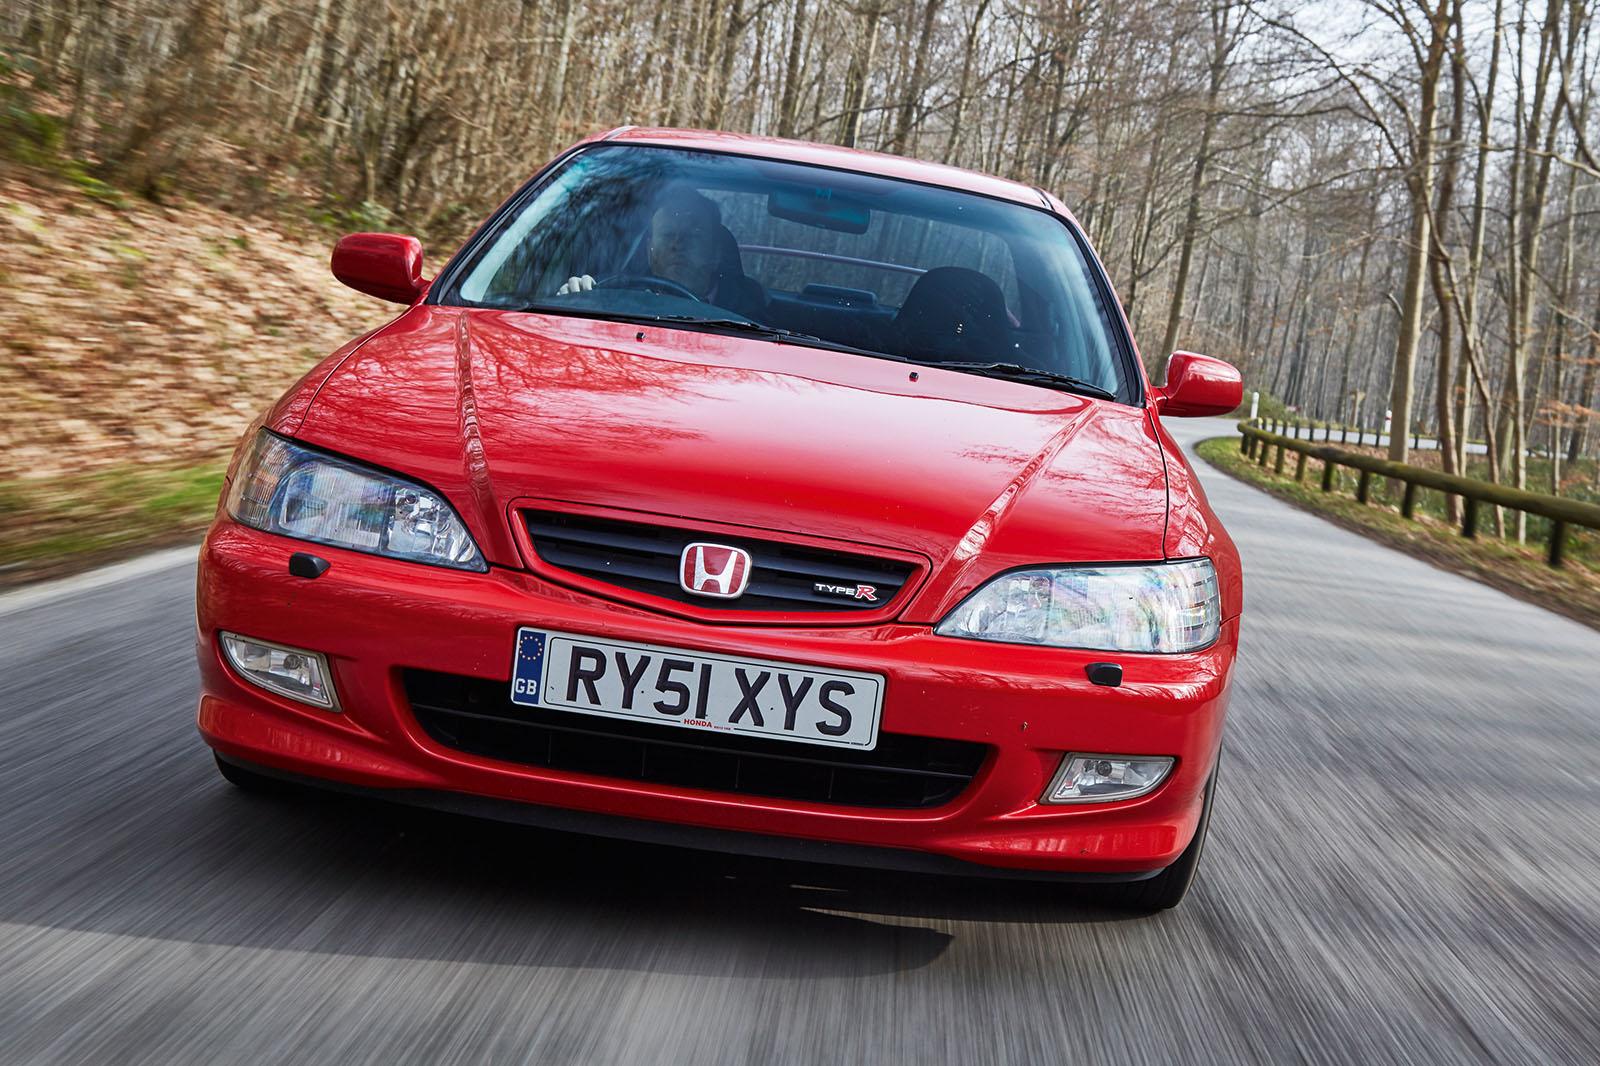 Honda Accord Type R Руководство по покупке подержанных автомобилей